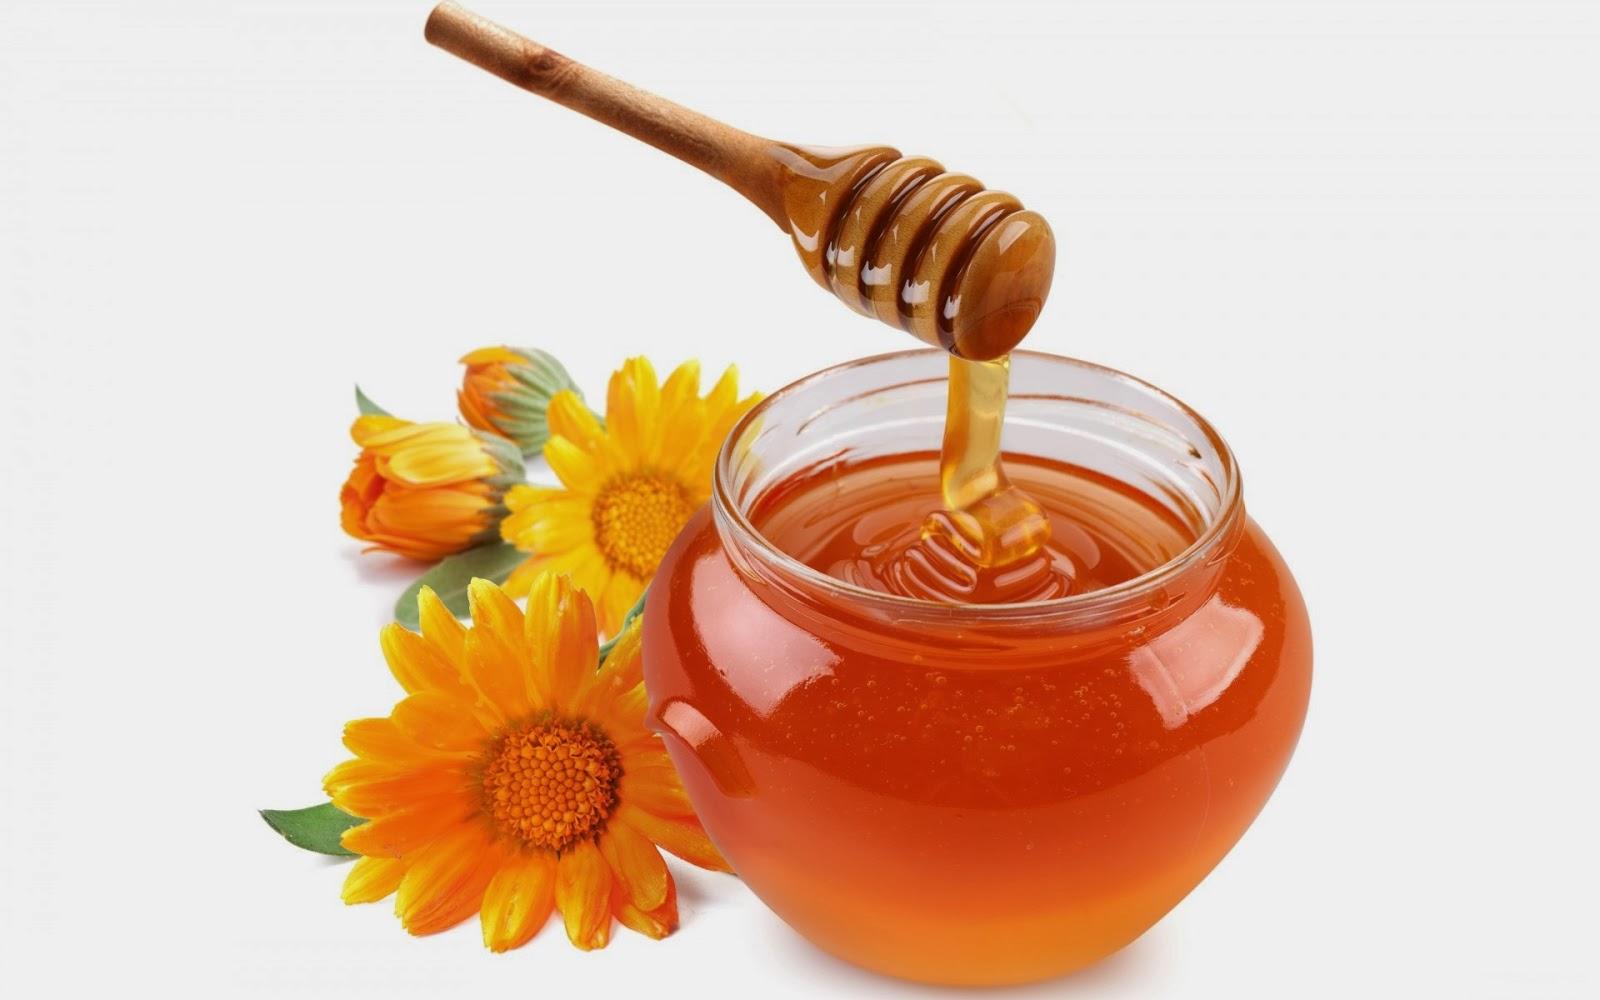 Mỗi loại mật ong khác nhau, có độ đặc loãng khác nhau.